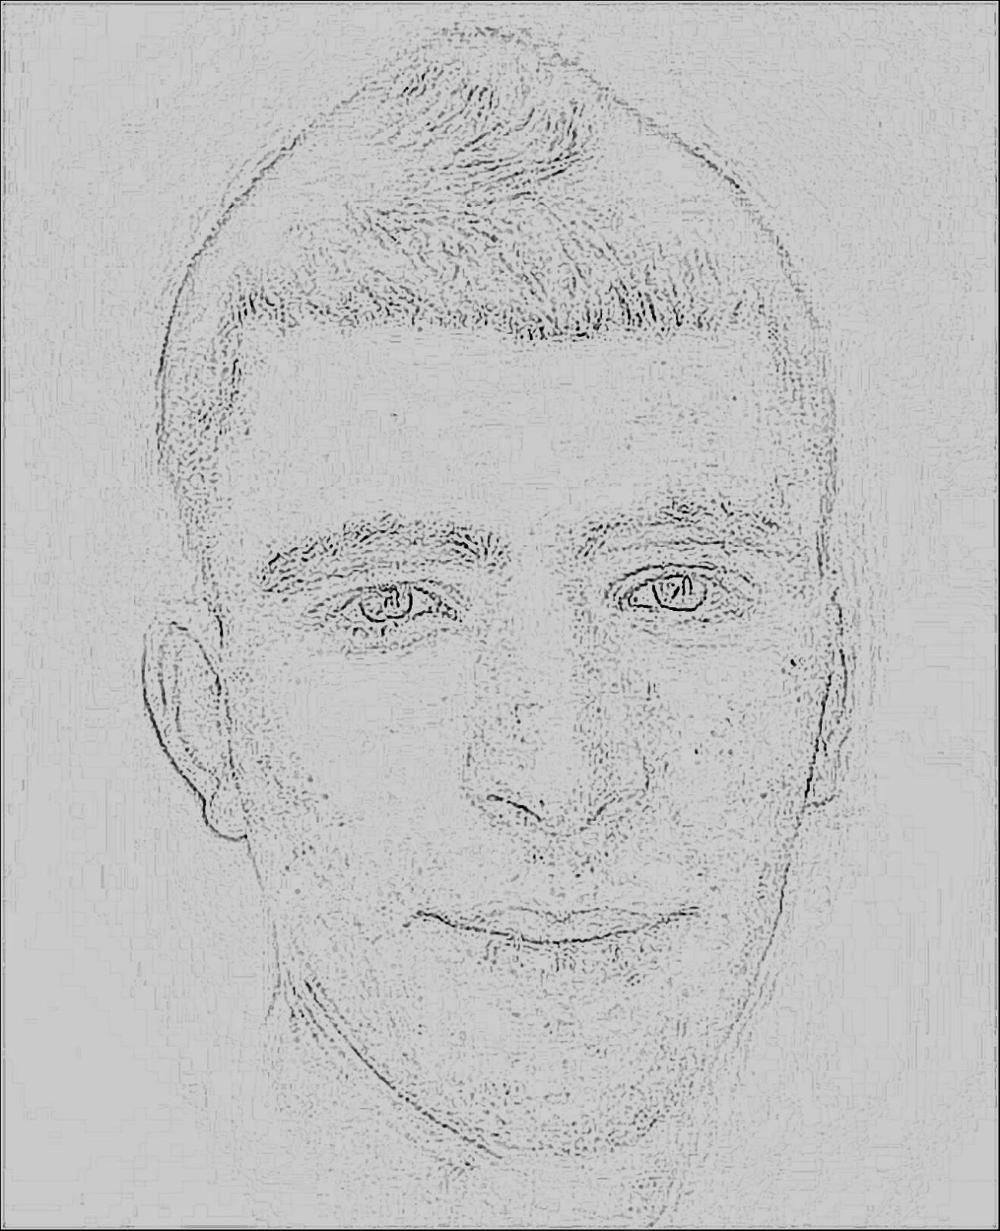 افضل موقع لتحويل الصور الى رسم اونلاين بدون برنامج مدونة القبعة الخضراء Art Male Sketch Blog